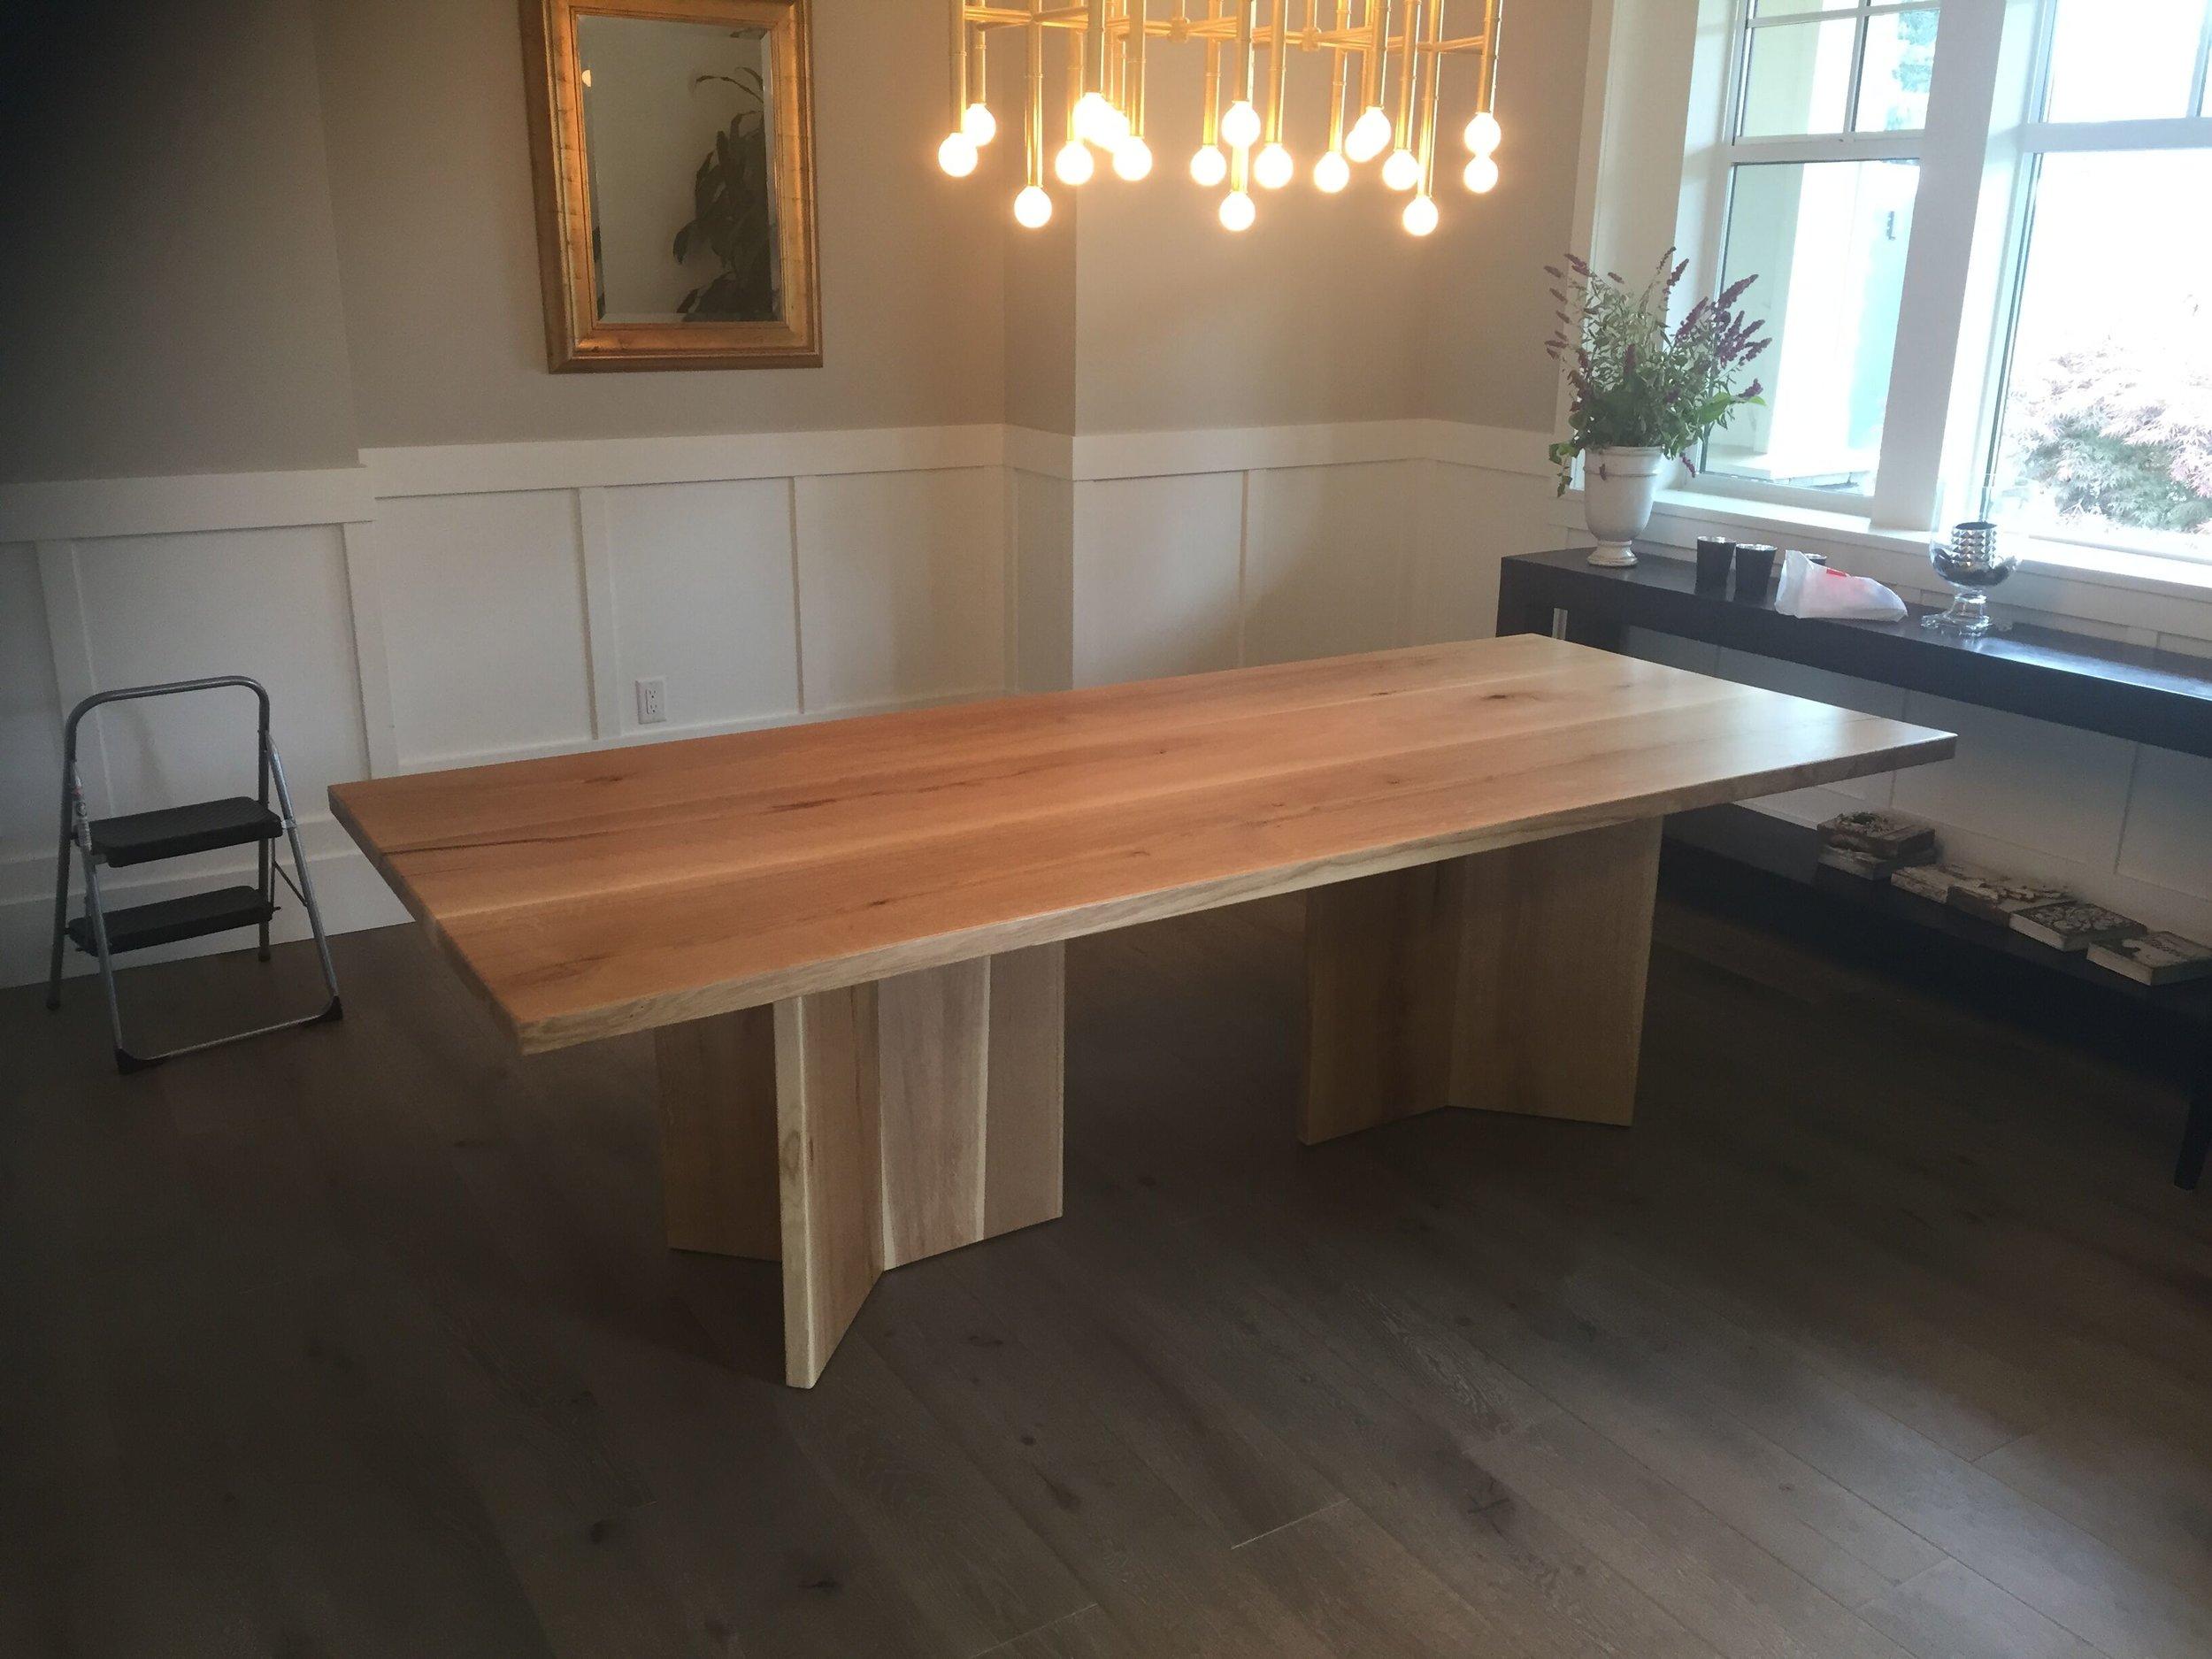 hardwood table.jpeg